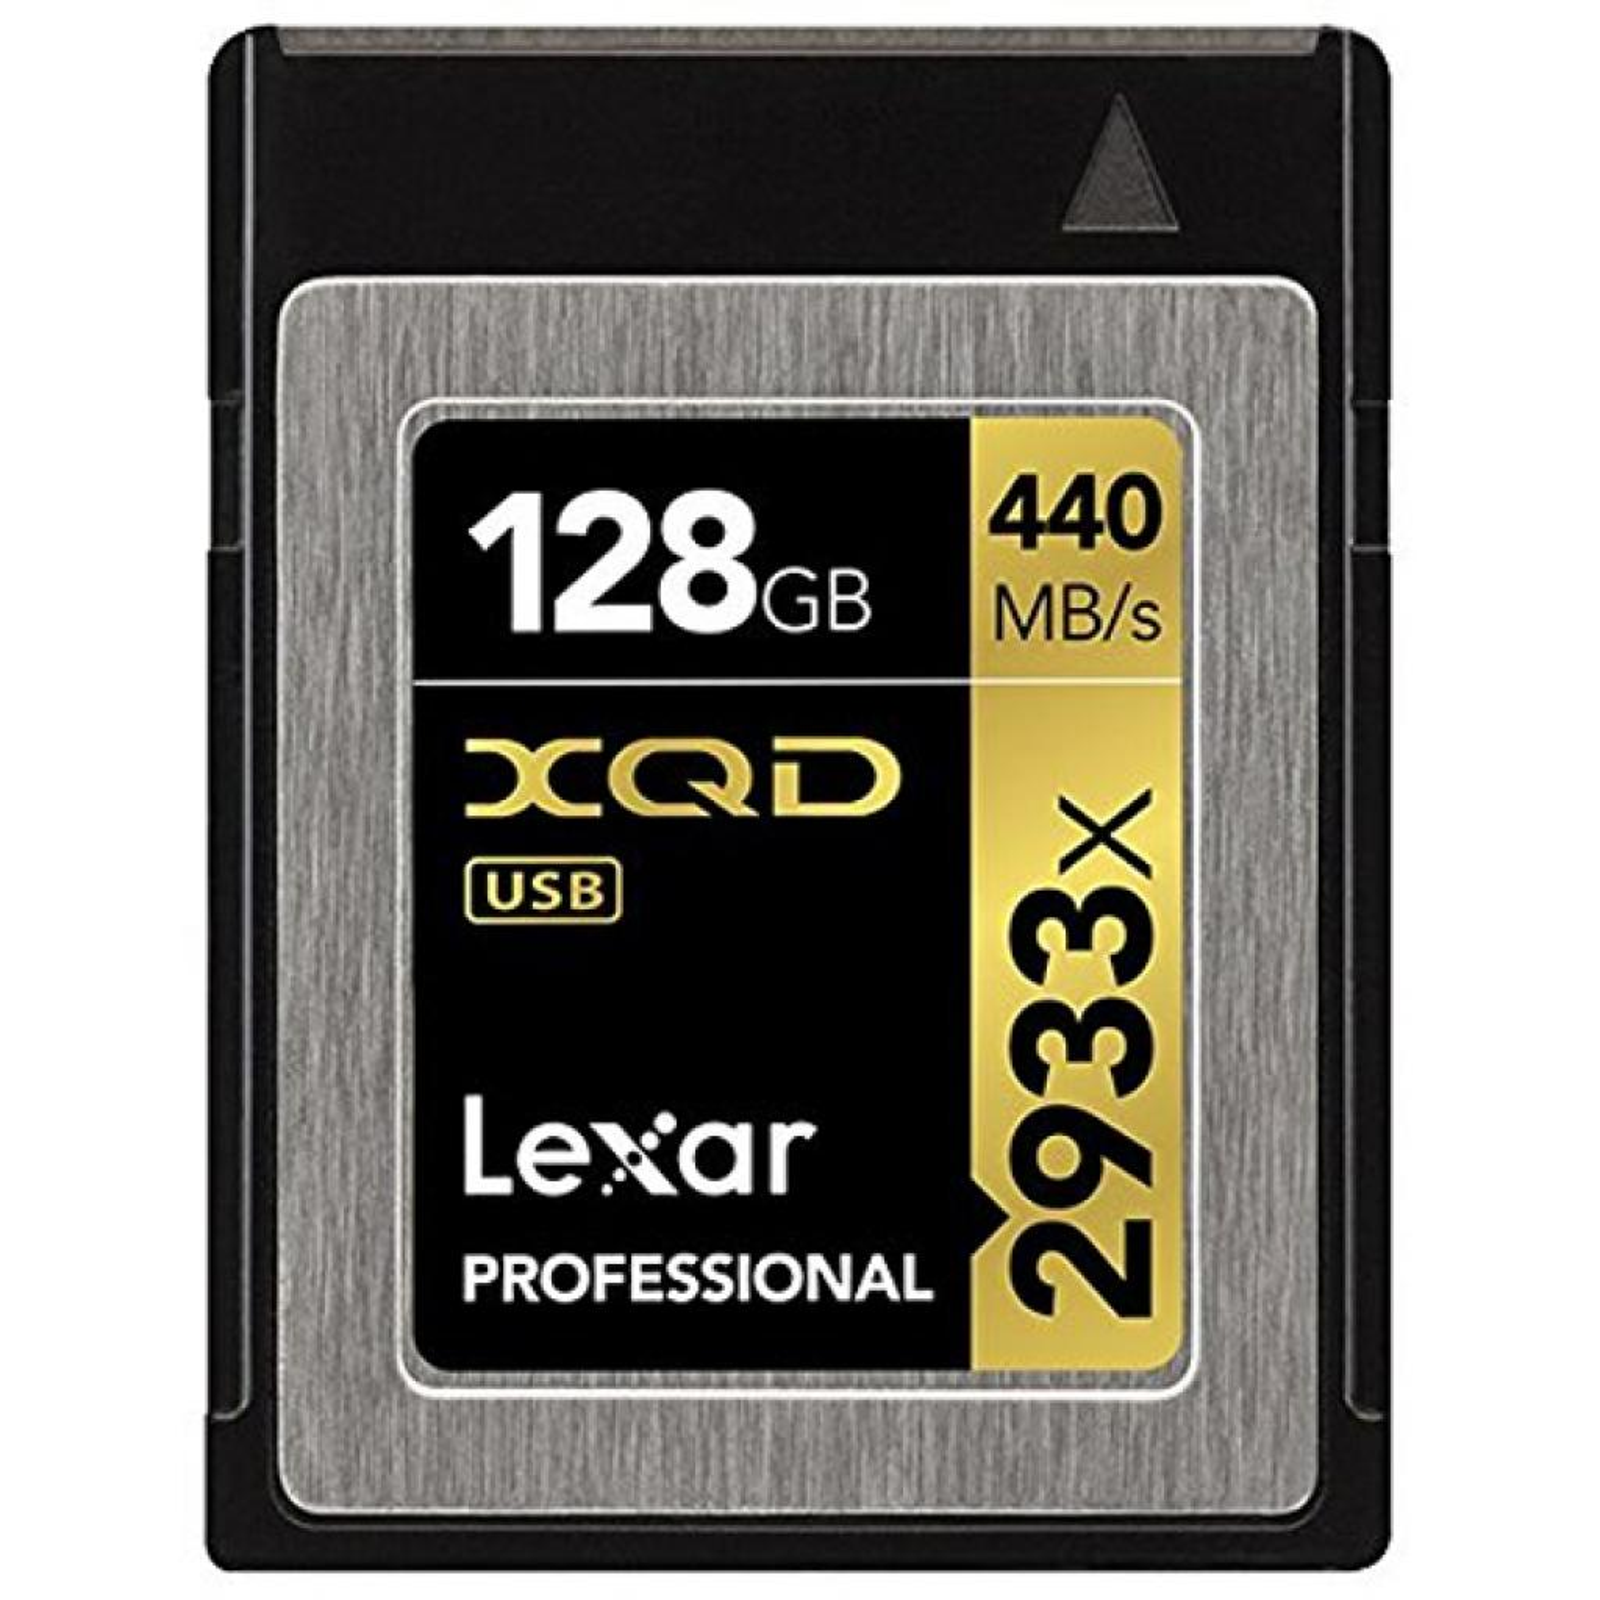 Карта пам'яті Lexar 128GB XQD 2933X Professional (LXQD128CRBEU2933)